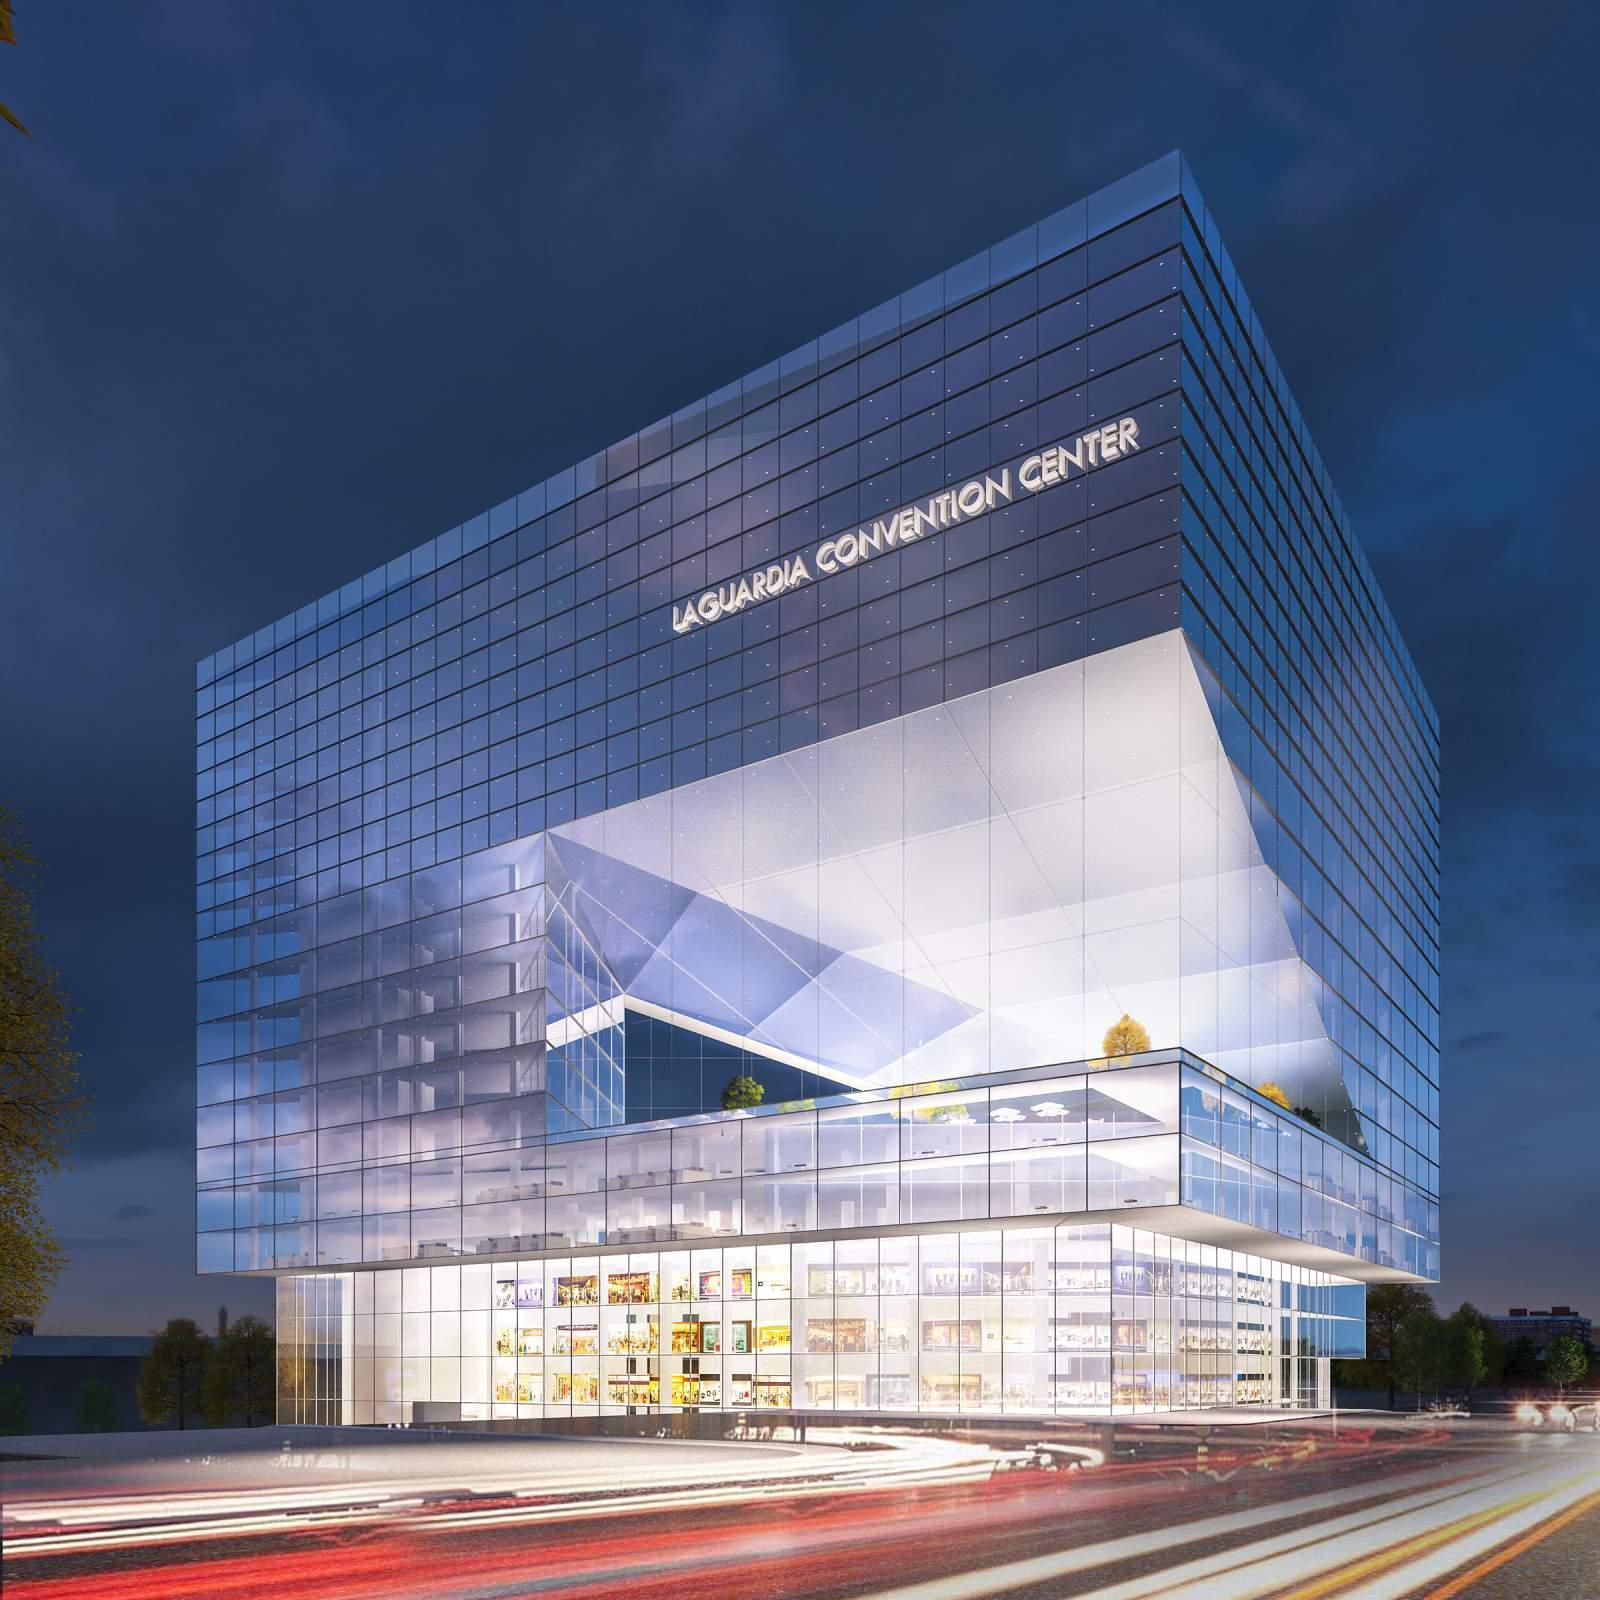 LaGuardia Airport Convention Center